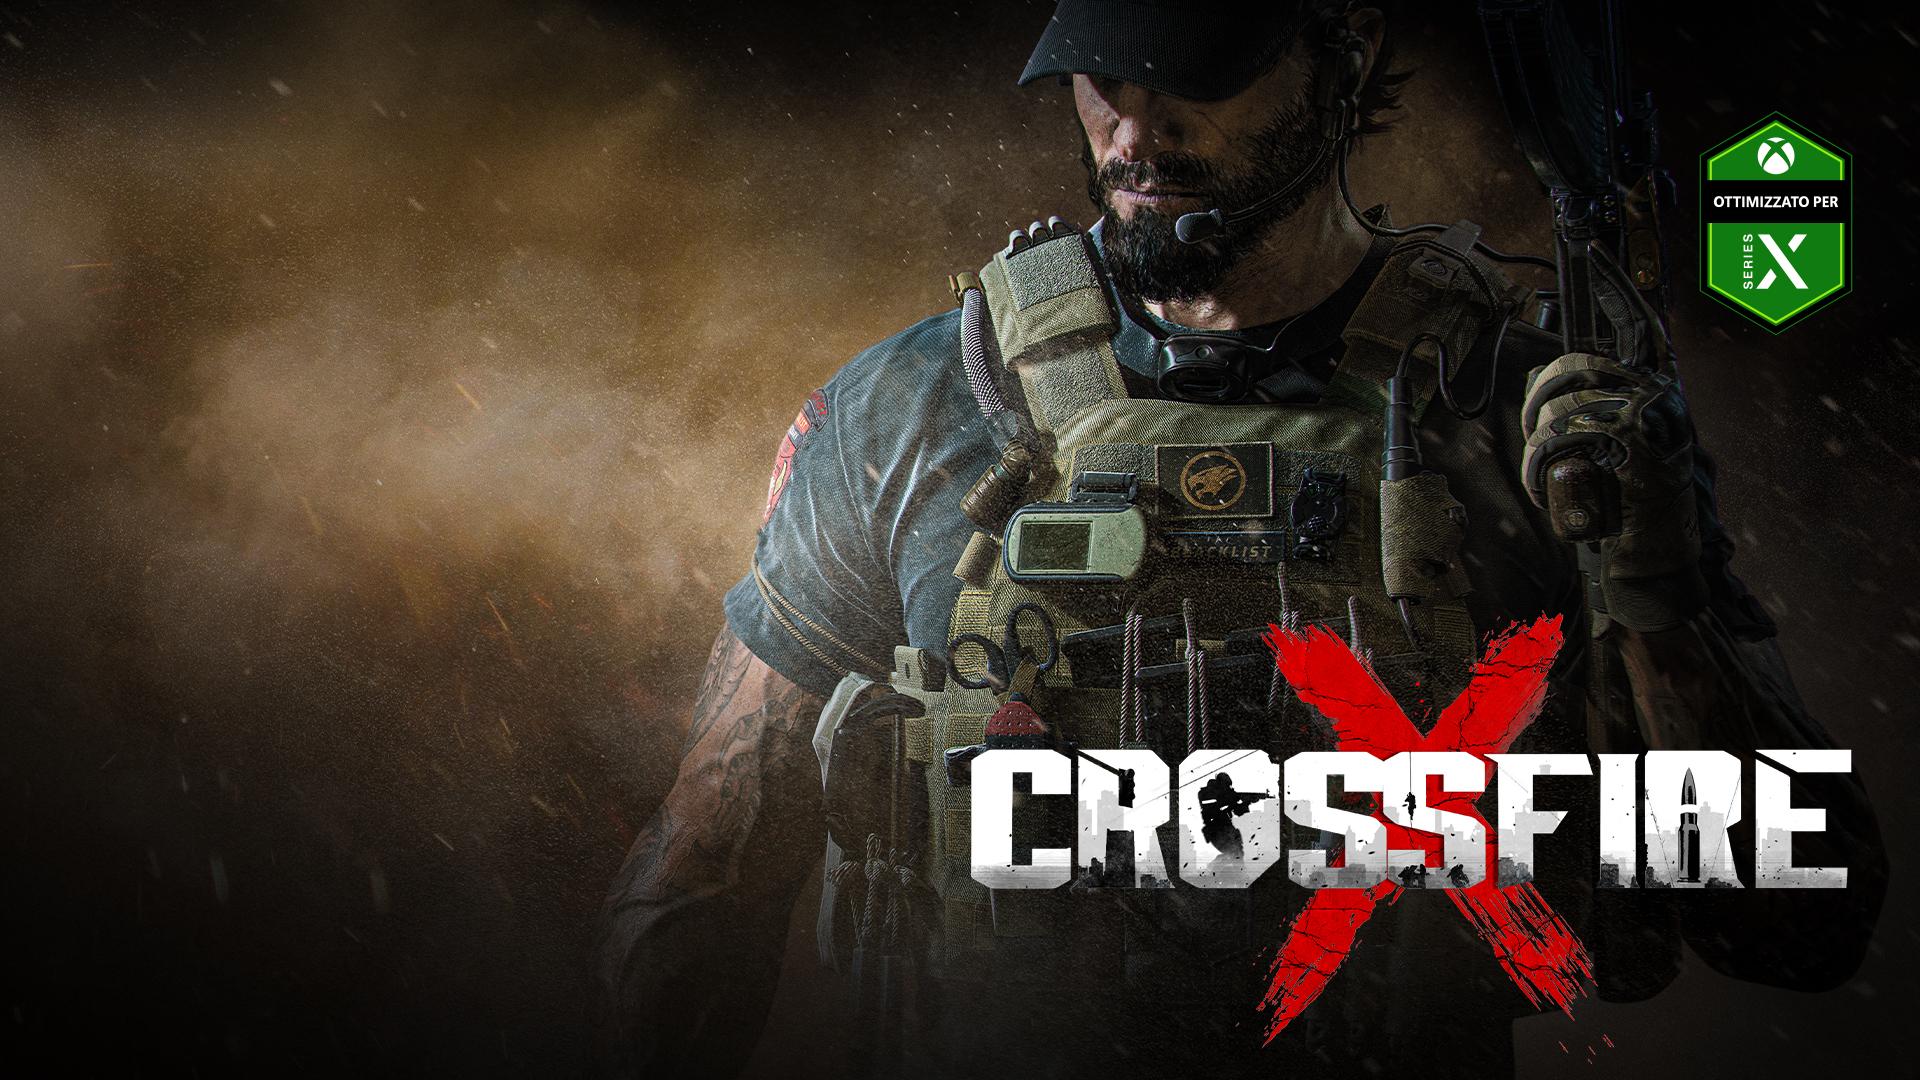 CrossfireX, Ottimizzato per Xbox Series X, un uomo armato fino ai denti in piedi tra fumo e cenere